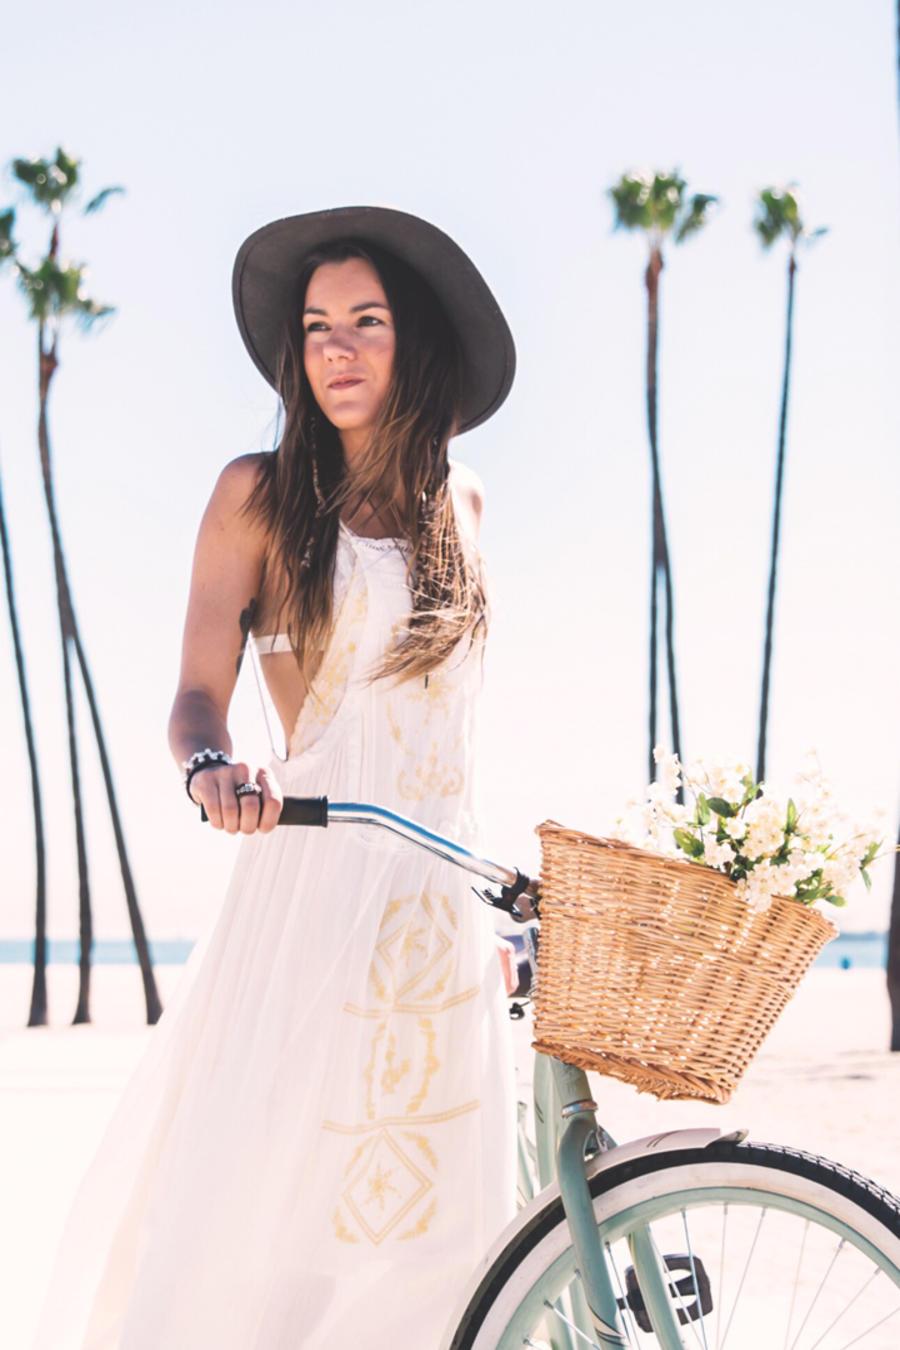 Chica con vestido y en bici en la playa